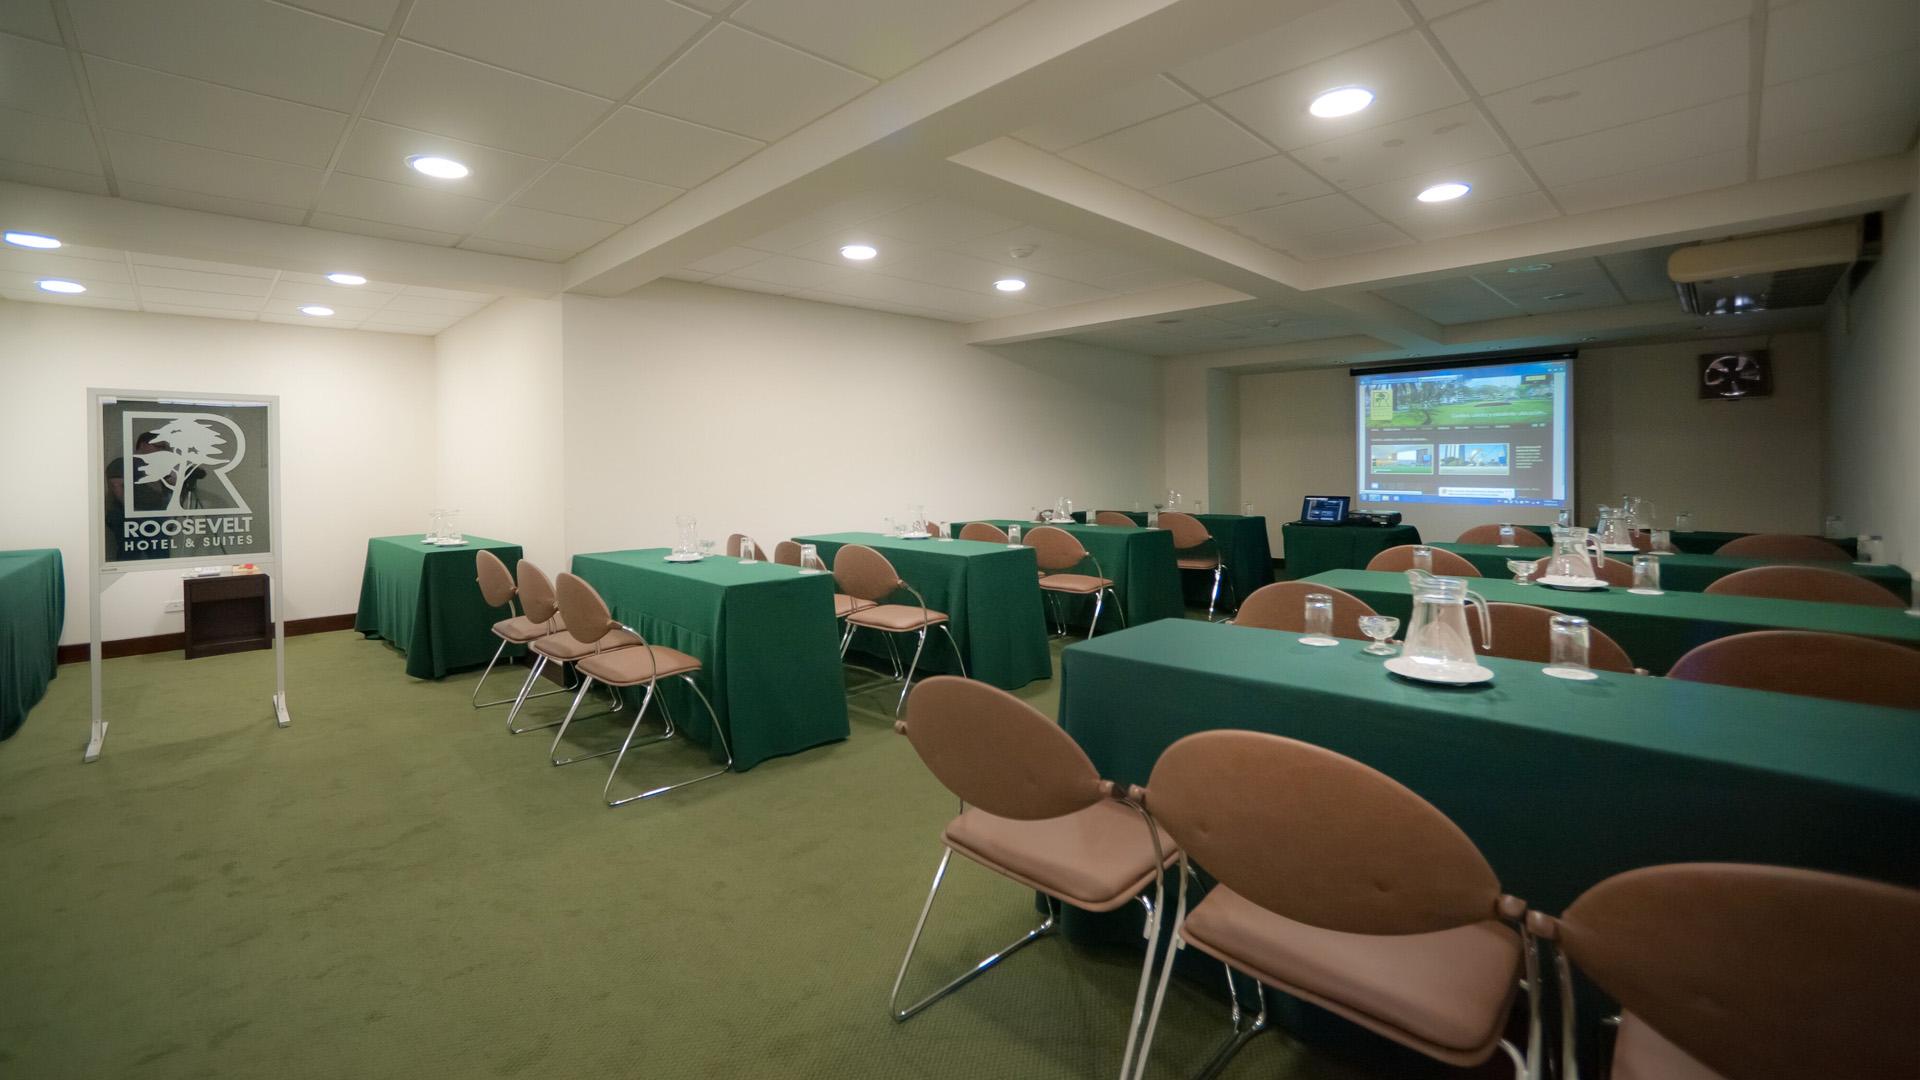 Eventos y conferencias. Roosevelt Hotel, San Isidro,